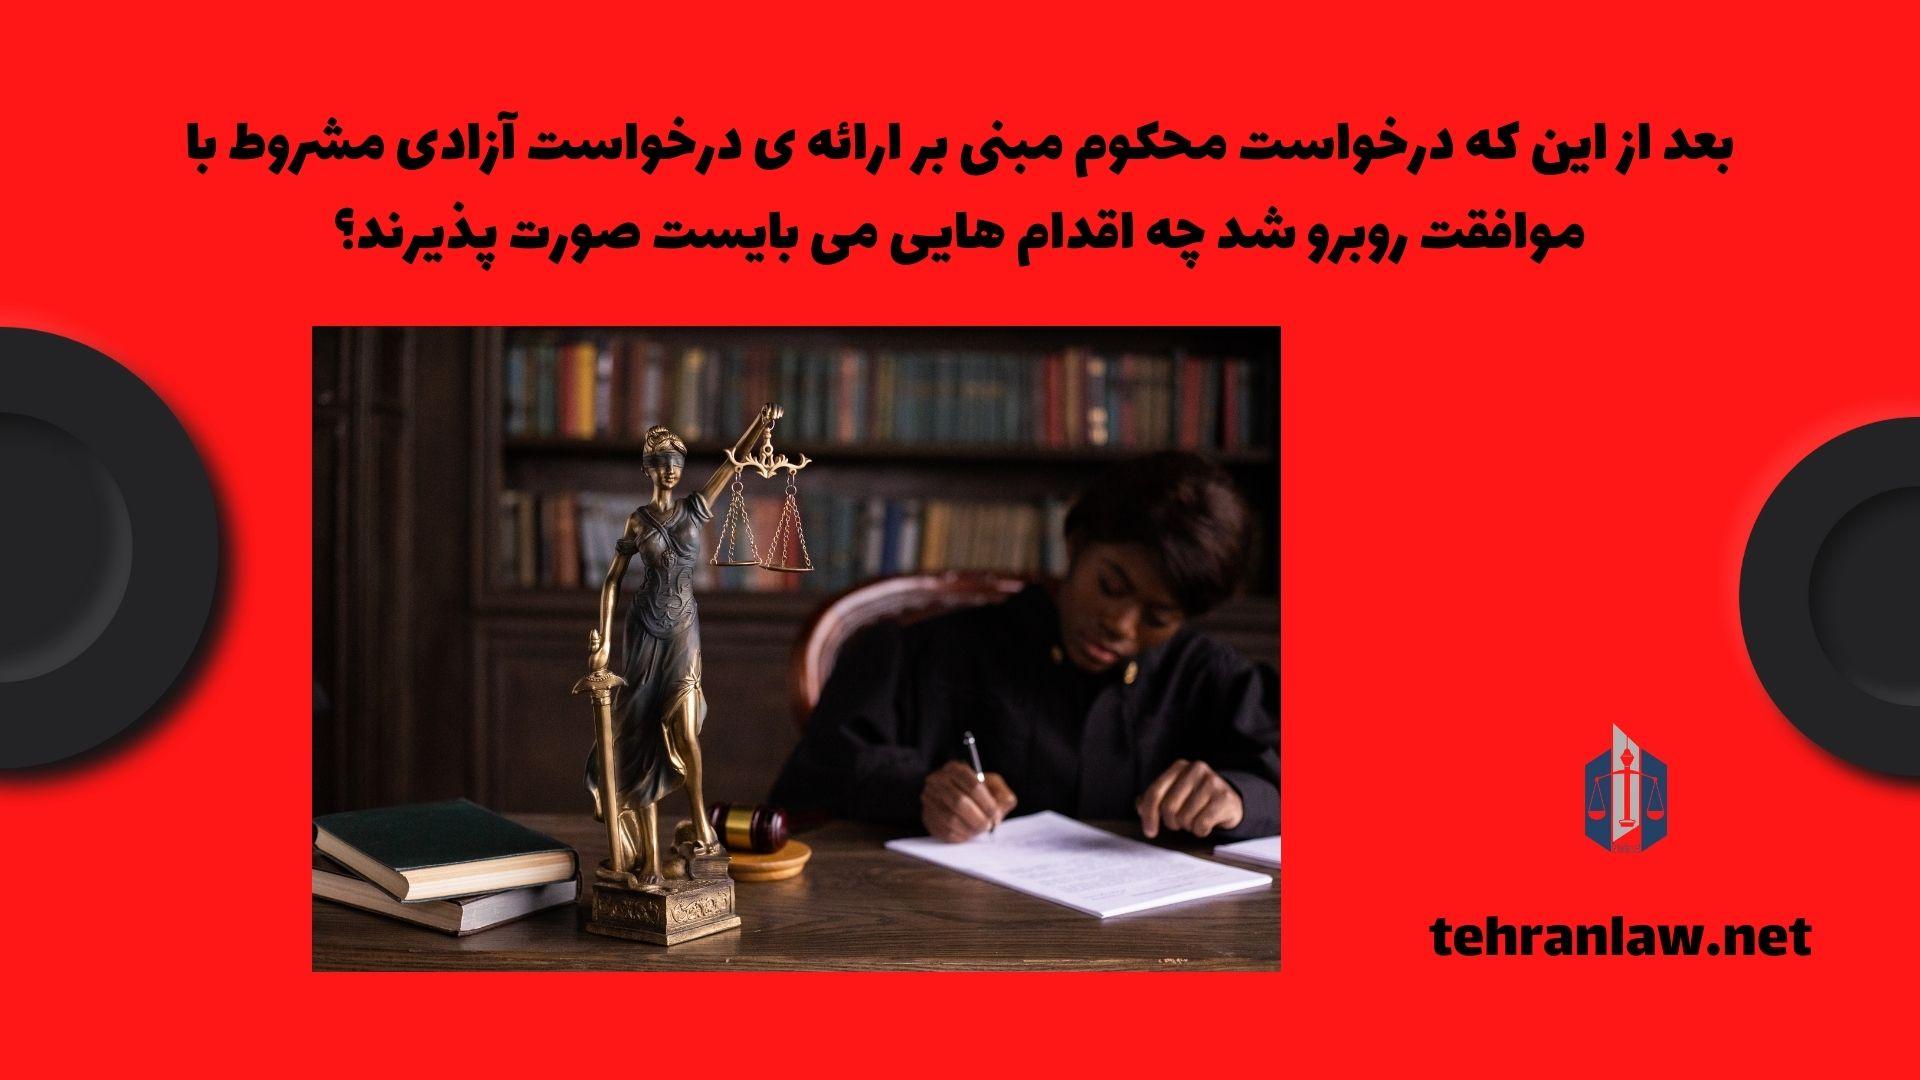 بعد از این که درخواست محکوم مبنی بر ارائه ی درخواست آزادی مشروط با موافقت روبرو شد، چه اقدام هایی می بایست صورت پذیرند؟